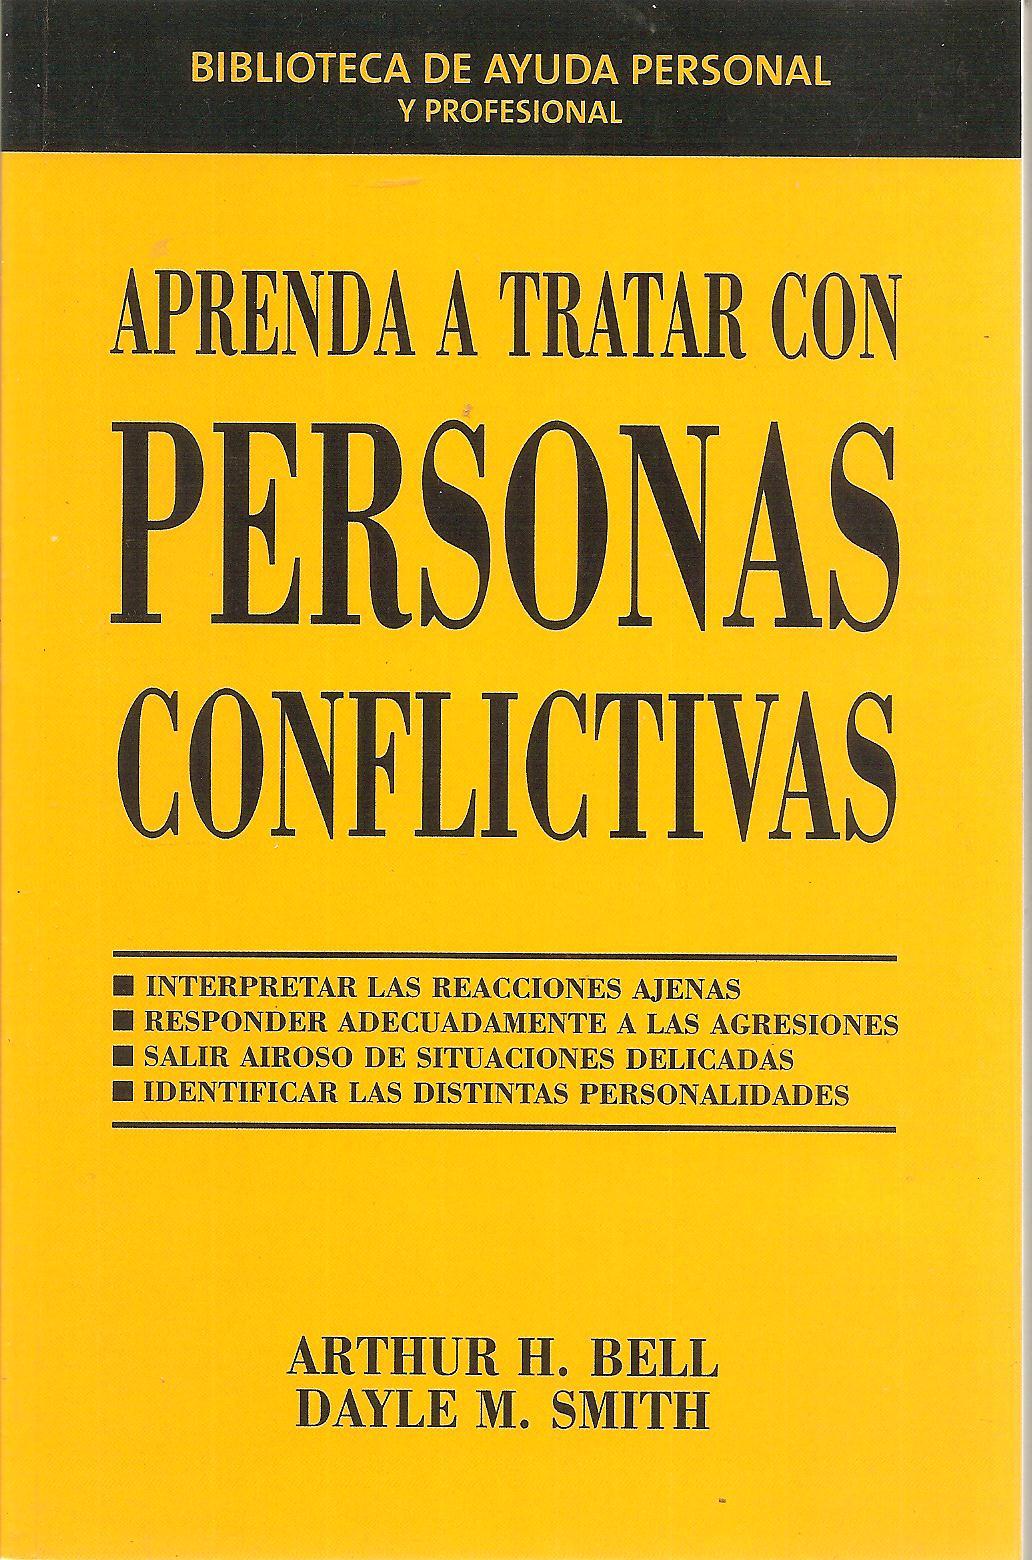 Aprenda a tratar con personas conflictivas